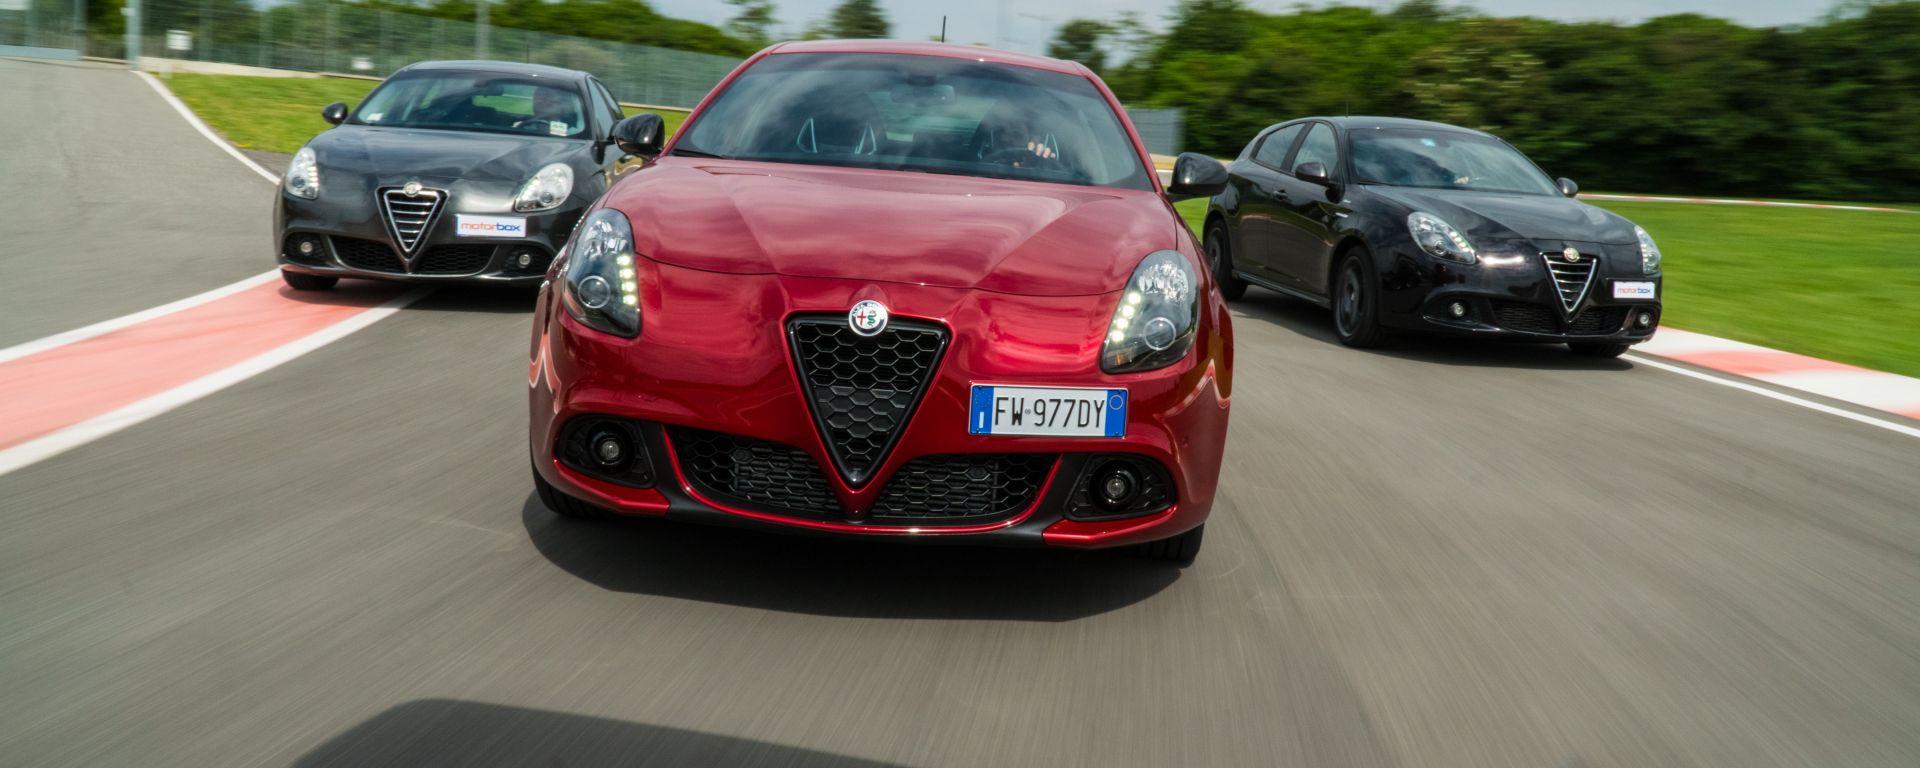 Alfa Romeo Giulietta 2019: ancora attuale o sorpassata?